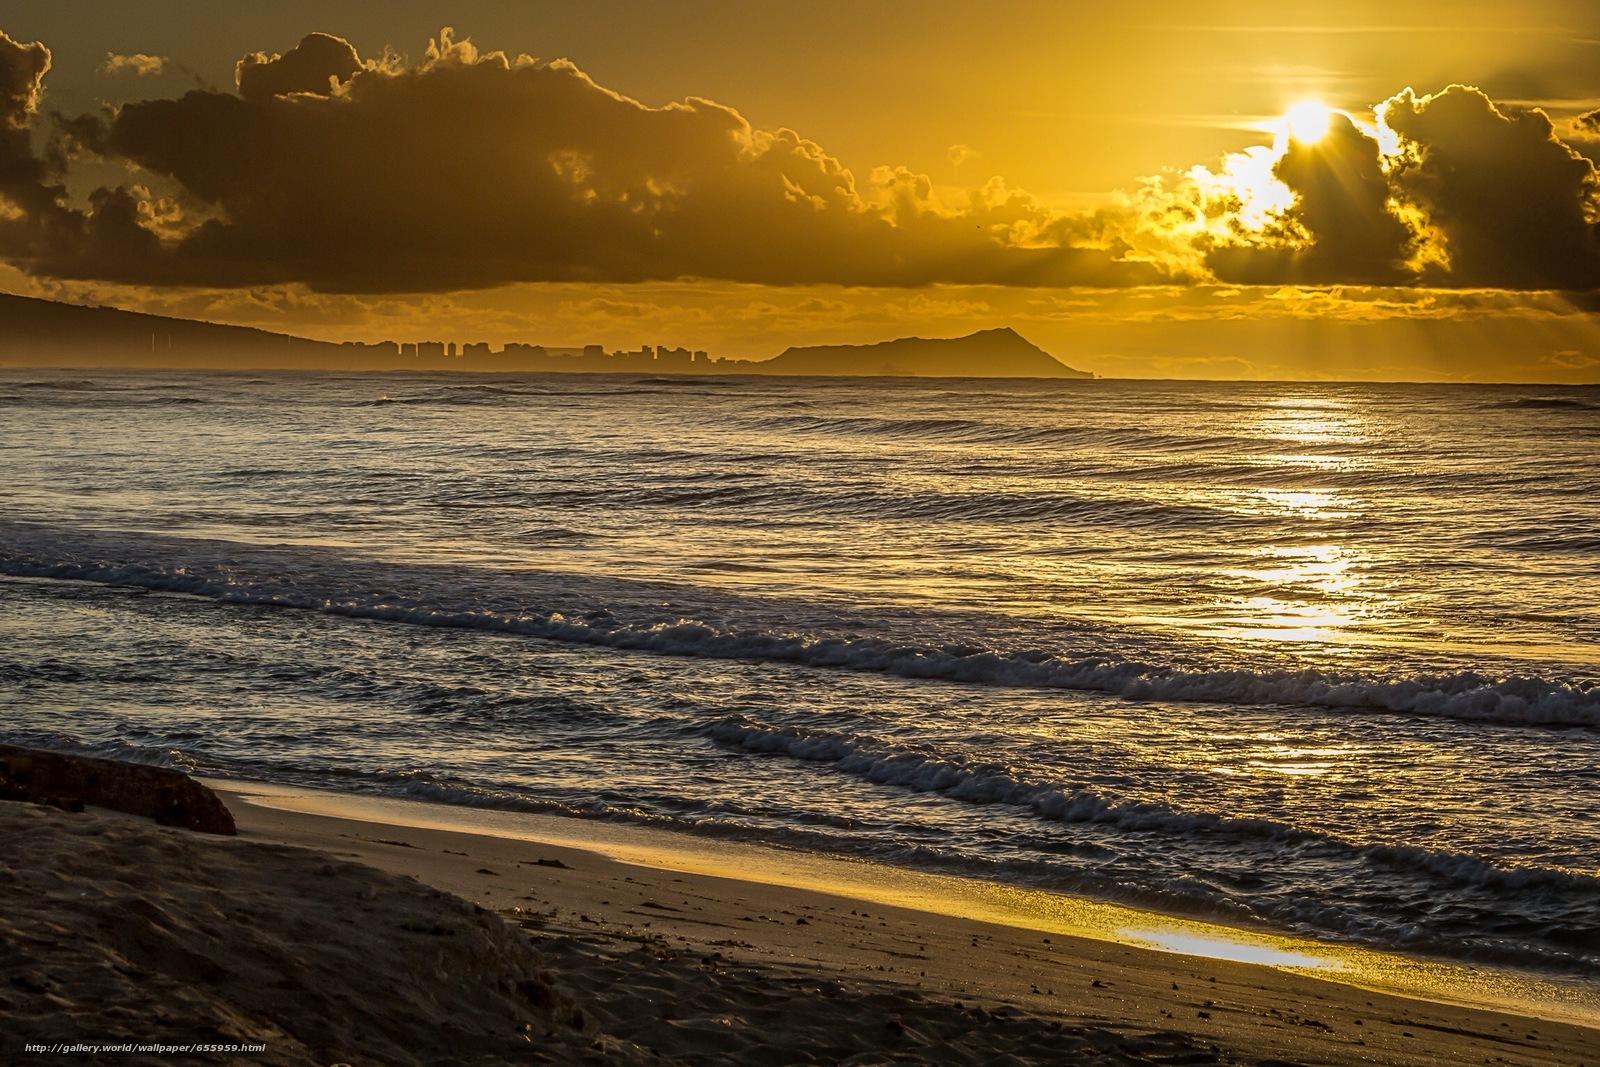 壁紙をダウンロード 日没,  海,  波浪,  風景 デスクトップの解像度のための無料壁紙 2304x1536 — 絵 №655959